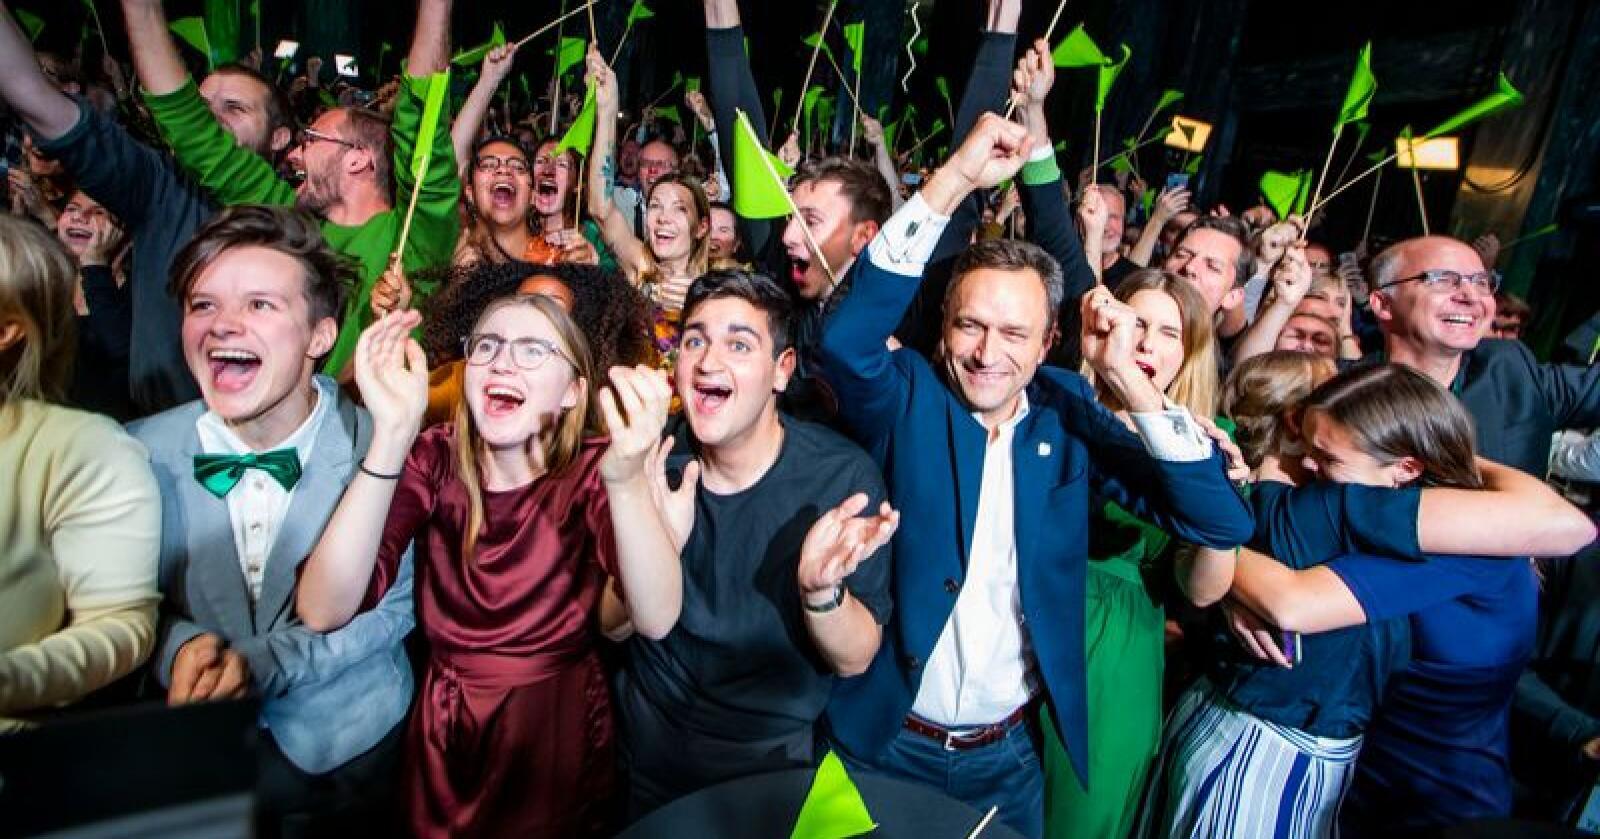 Vill jubel under valgvaken til Miljøpartiet De Grønne (MDG) på Sentralen i Oslo. Foto: Håkon Mosvold Larsen / NTB scanpix